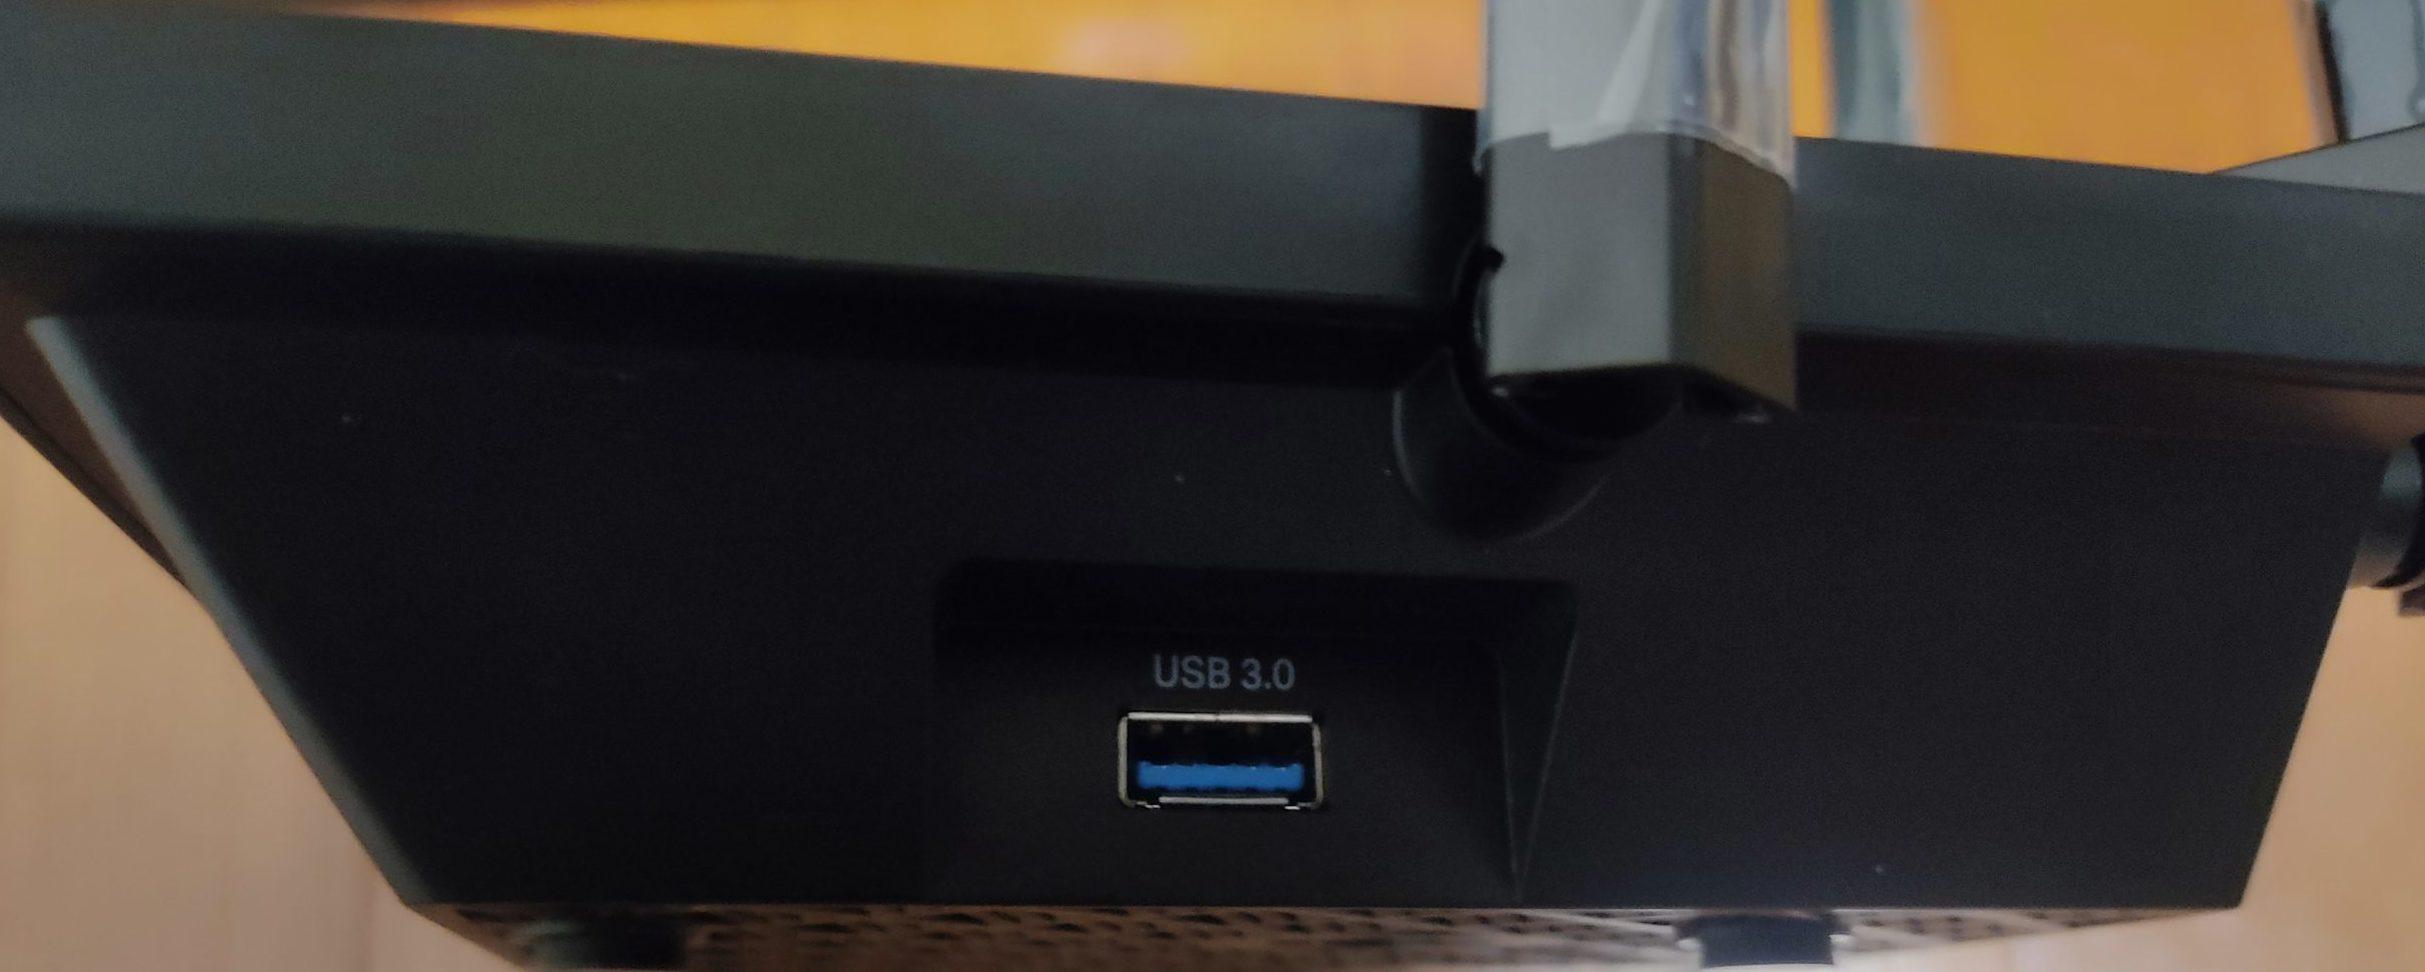 「Archer AX73」のUSBポート